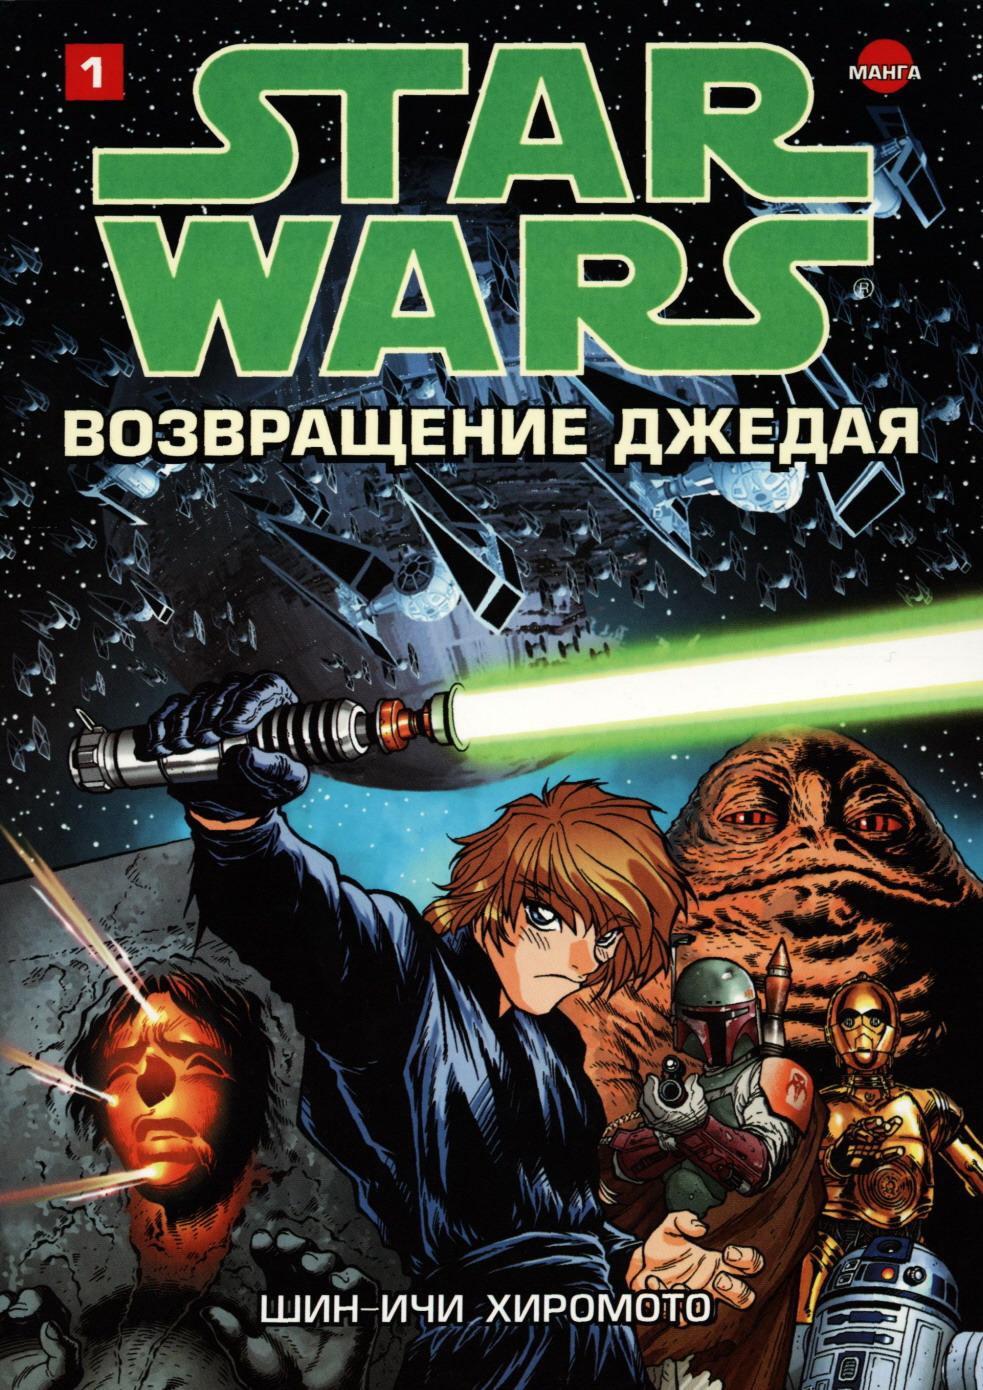 Звёздные войны: Возвращение джедая (манга), часть 1